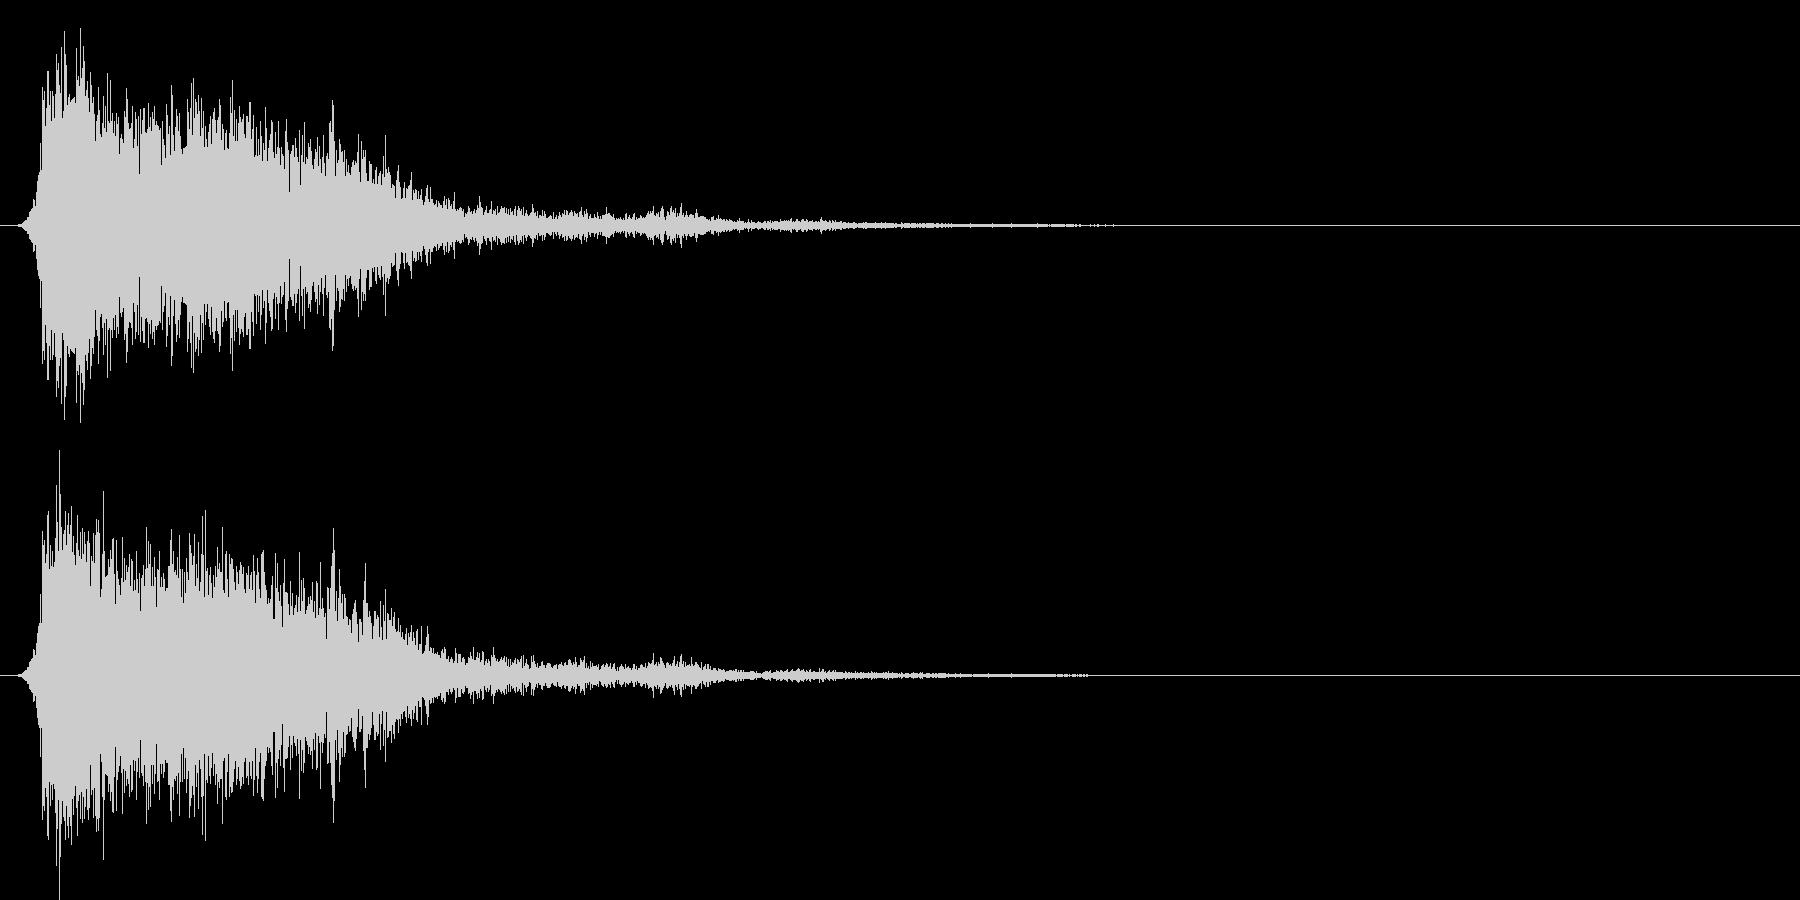 コミカルなダッシュ!ジャンプの効果音4bの未再生の波形